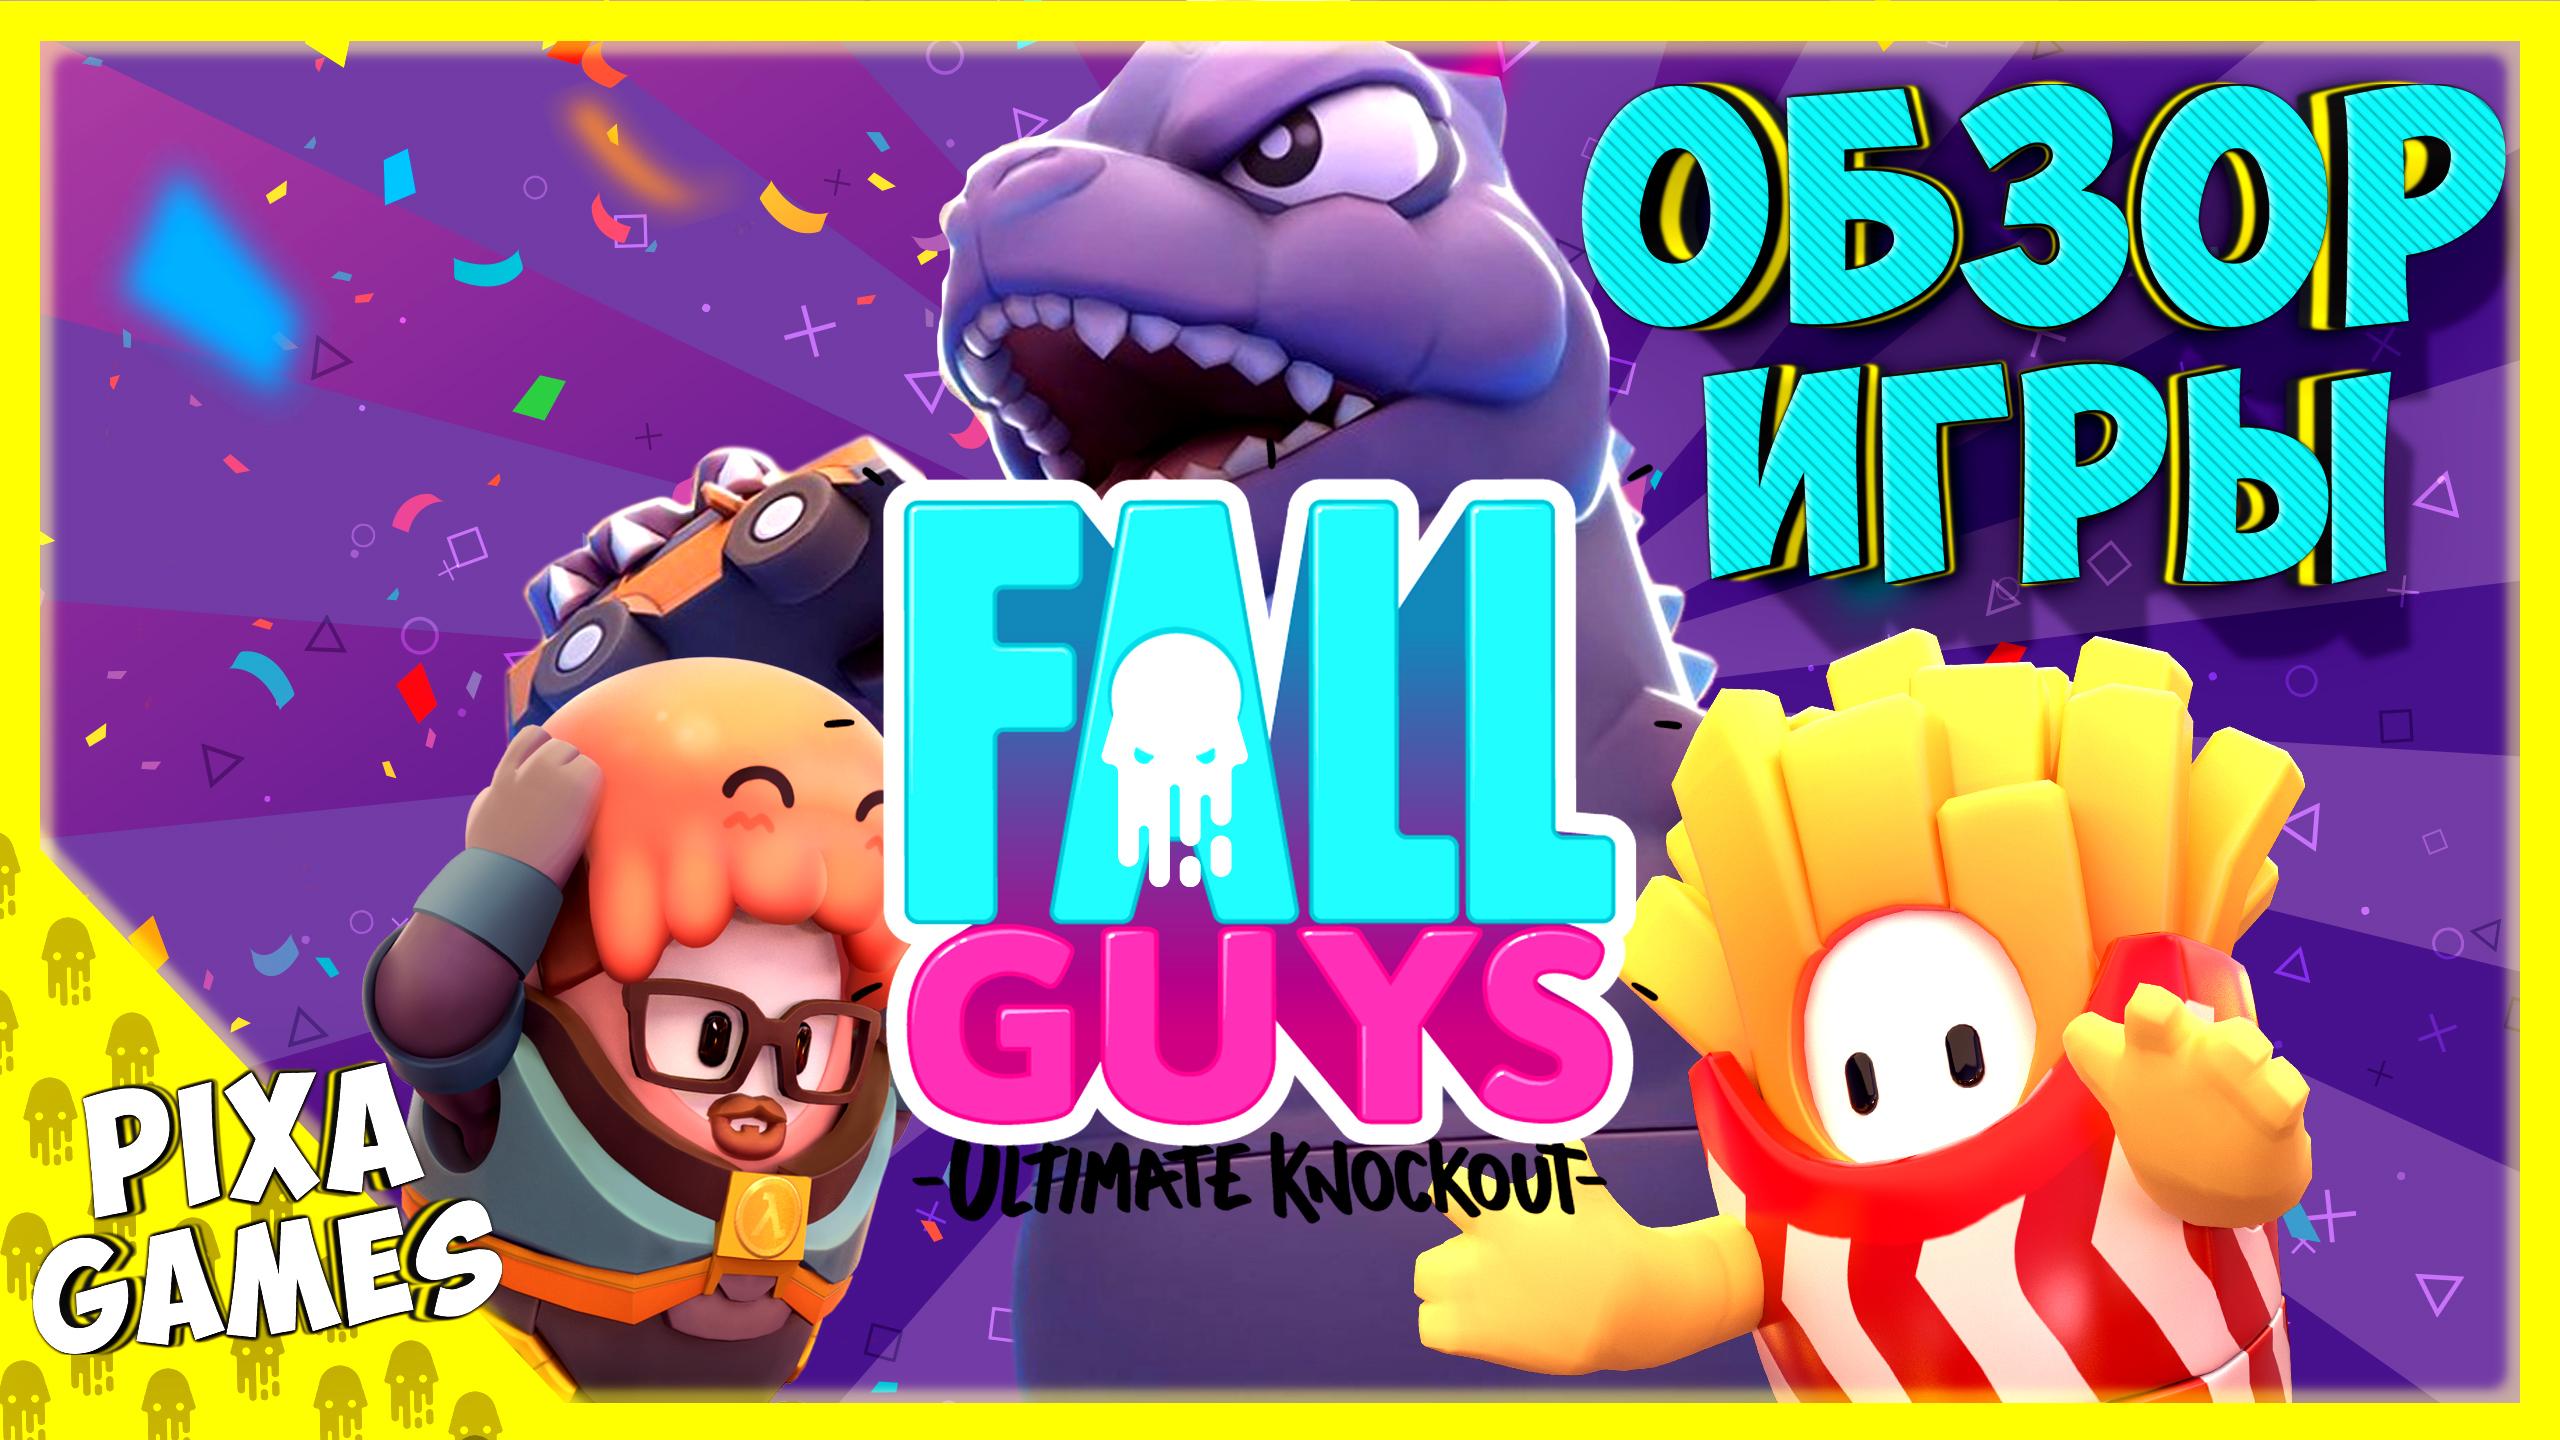 Cтоит ли играть и какой режим выбрать в Fall Gues?